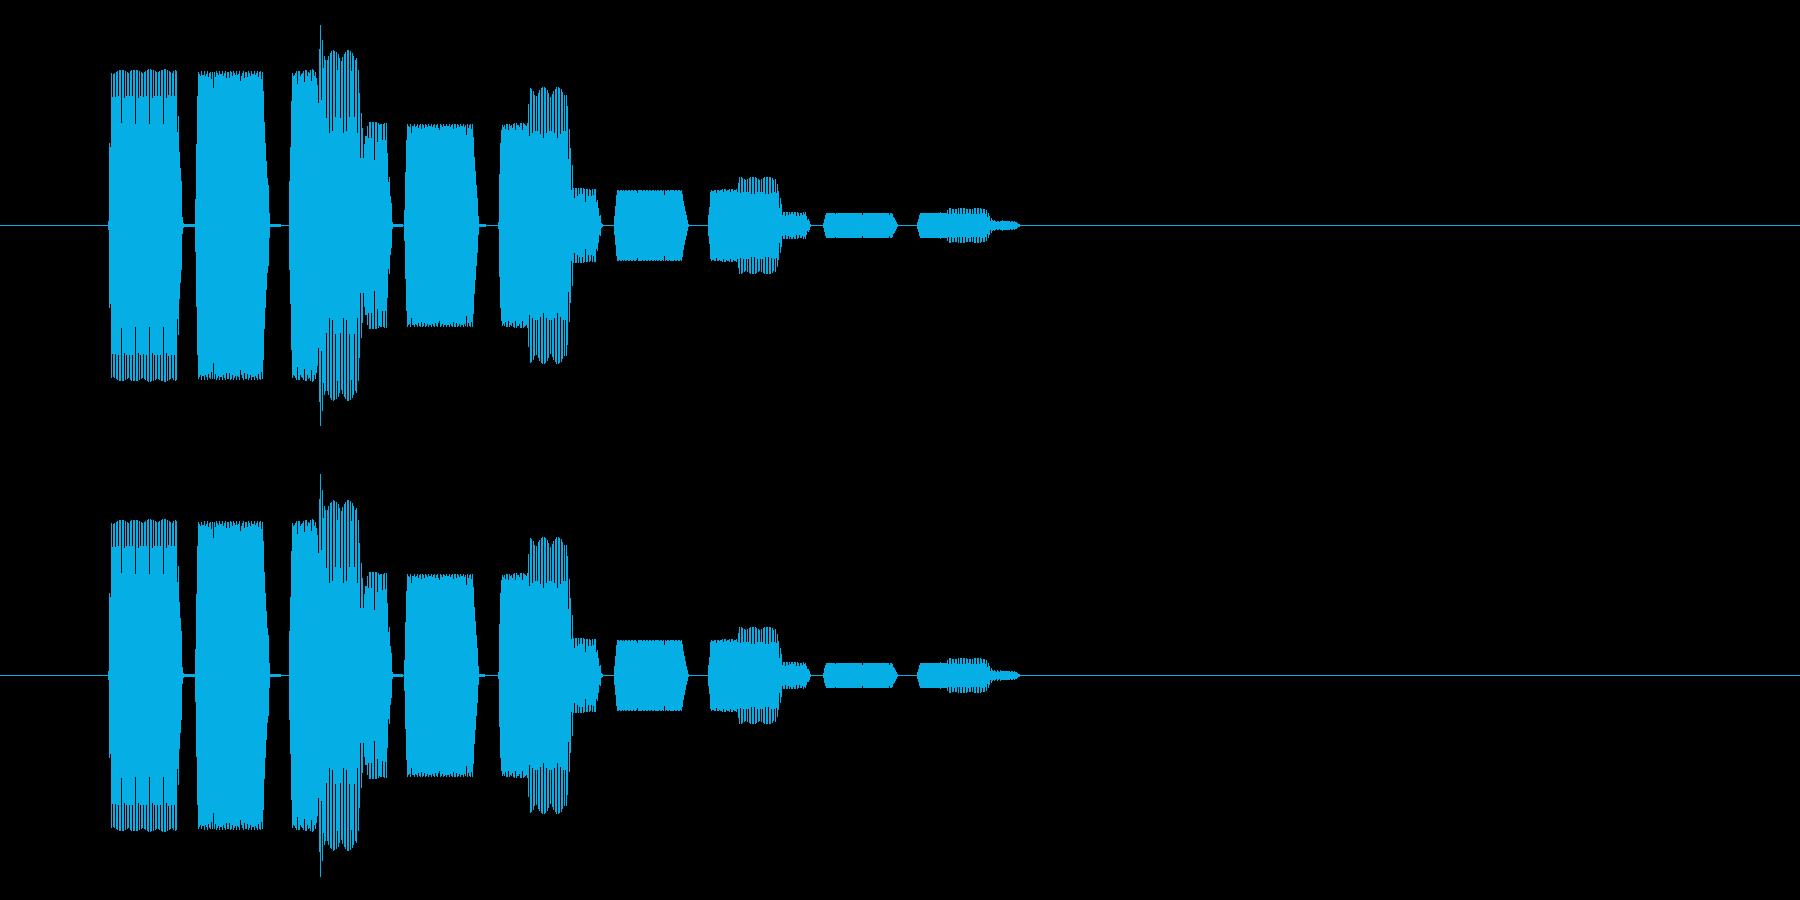 SNES シューティング02-15(選択の再生済みの波形